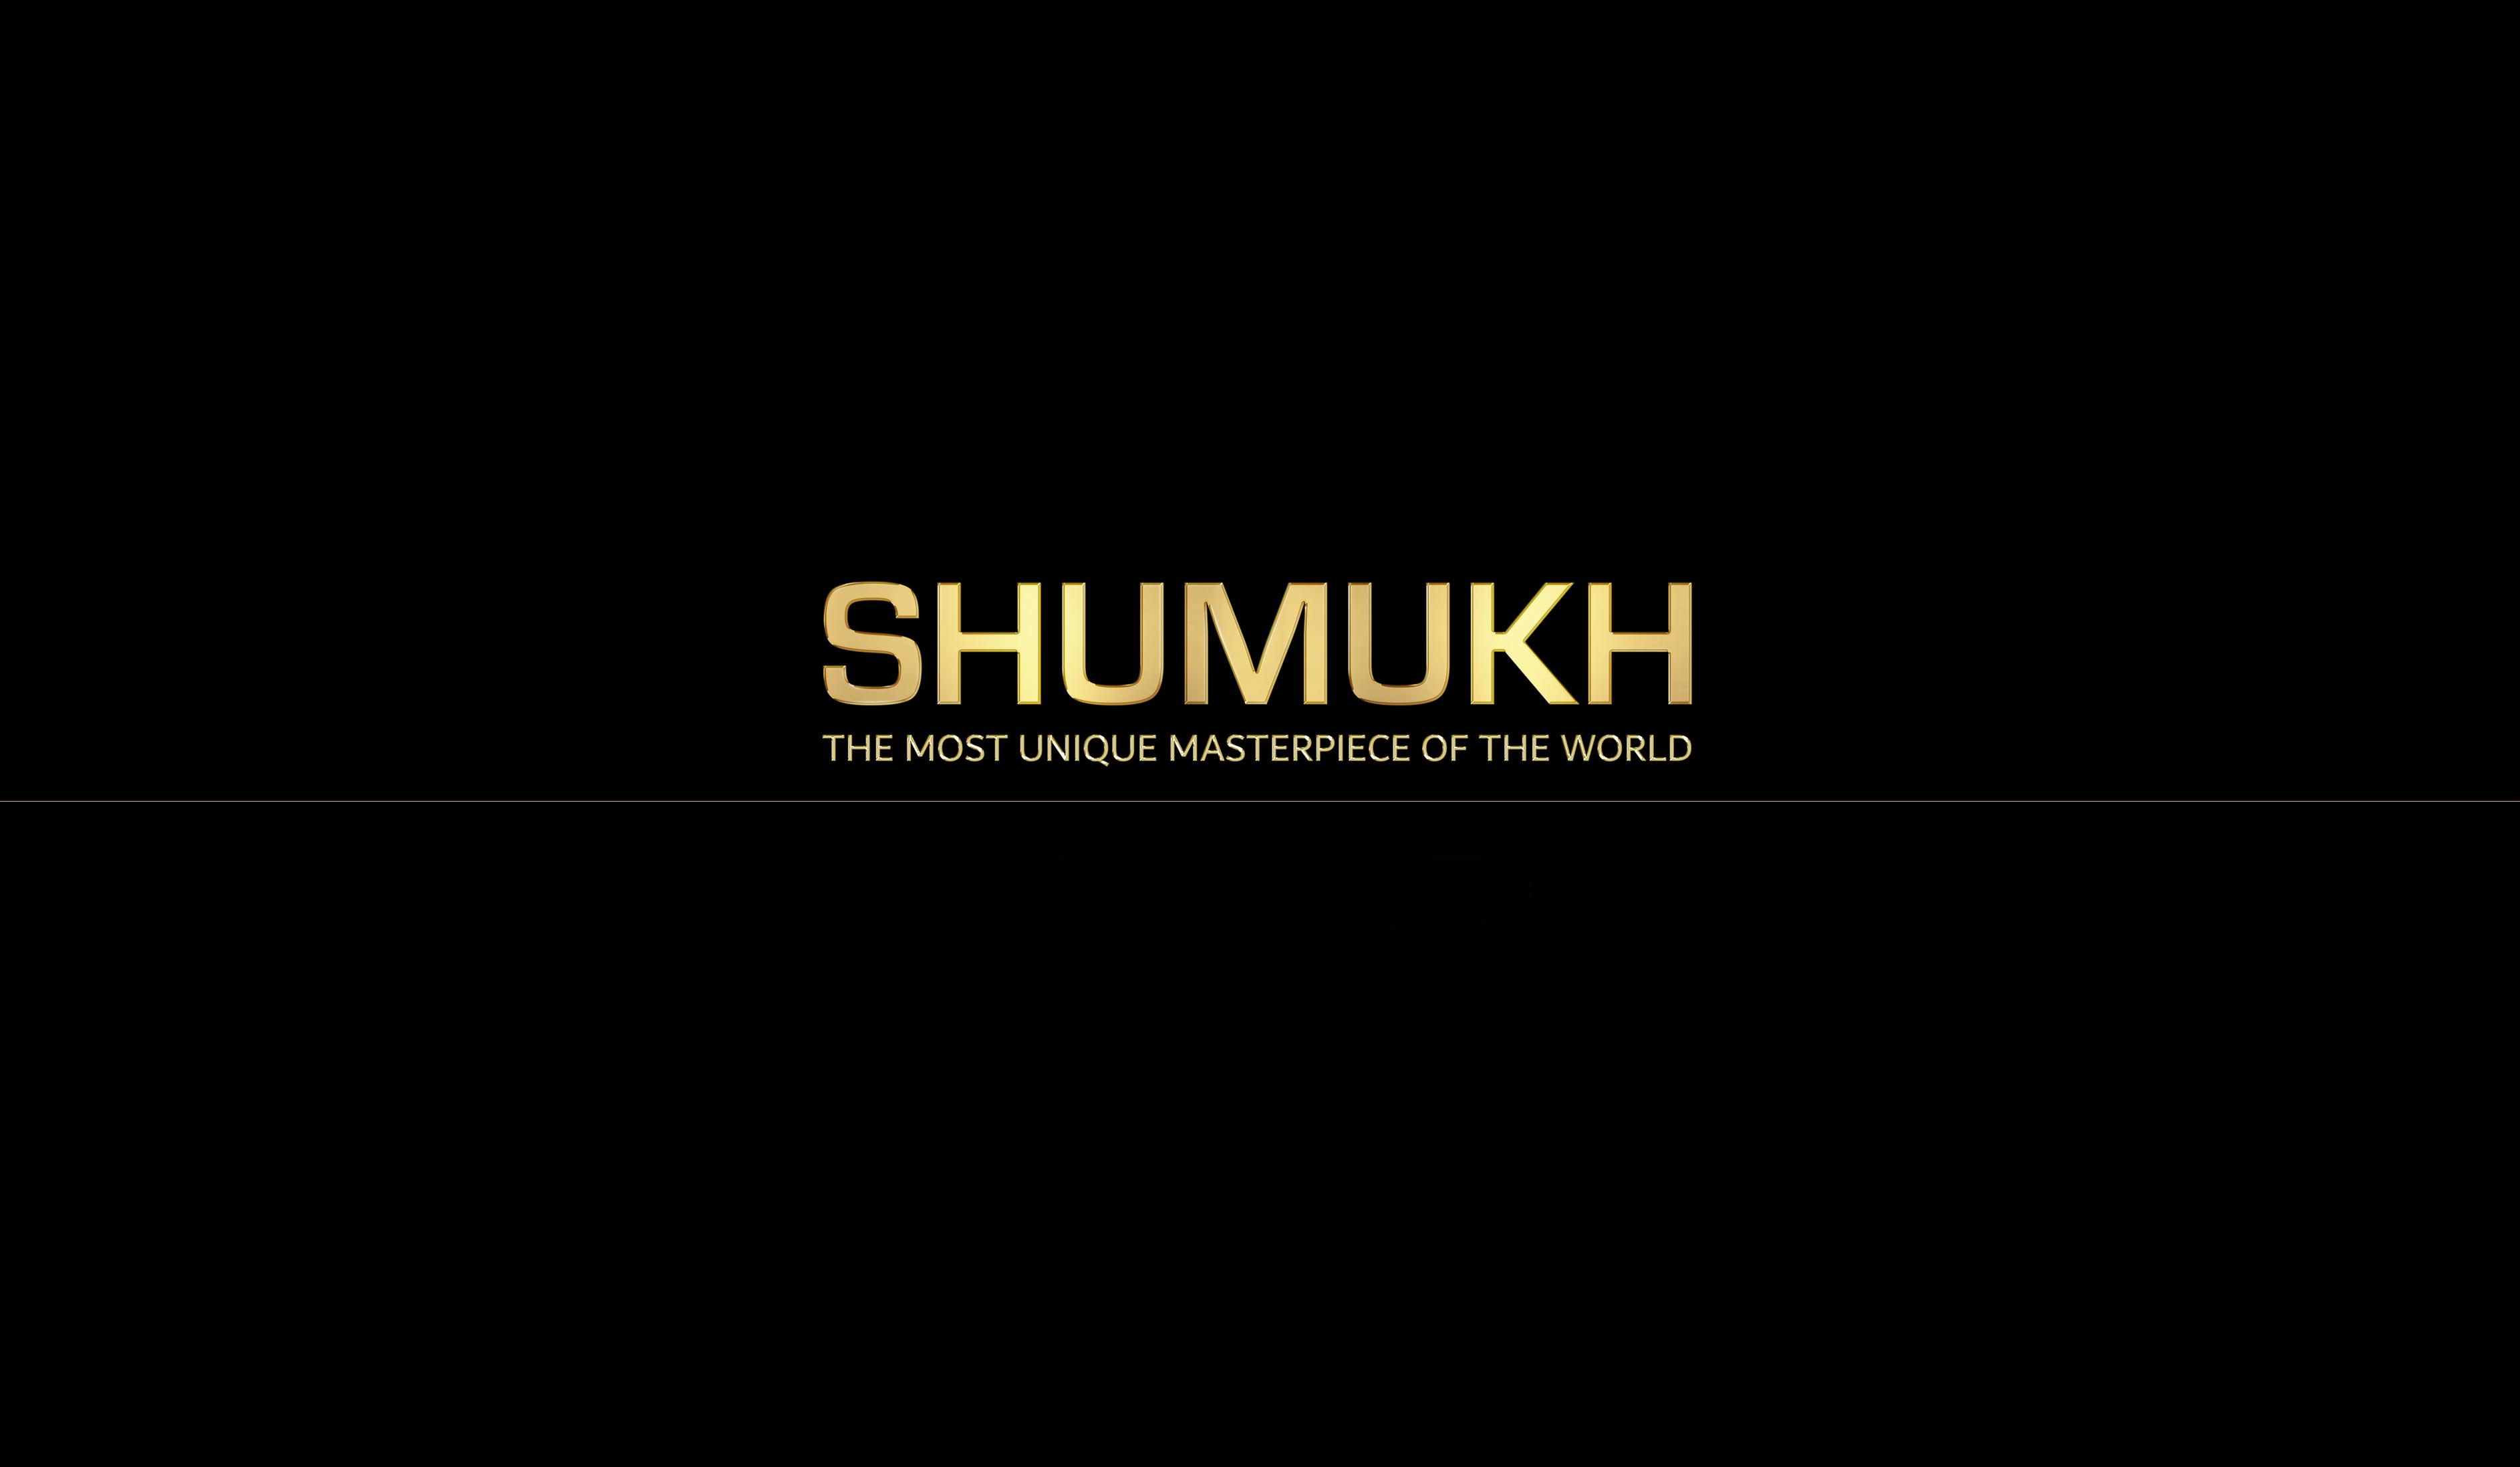 Masterpiece Shumukh